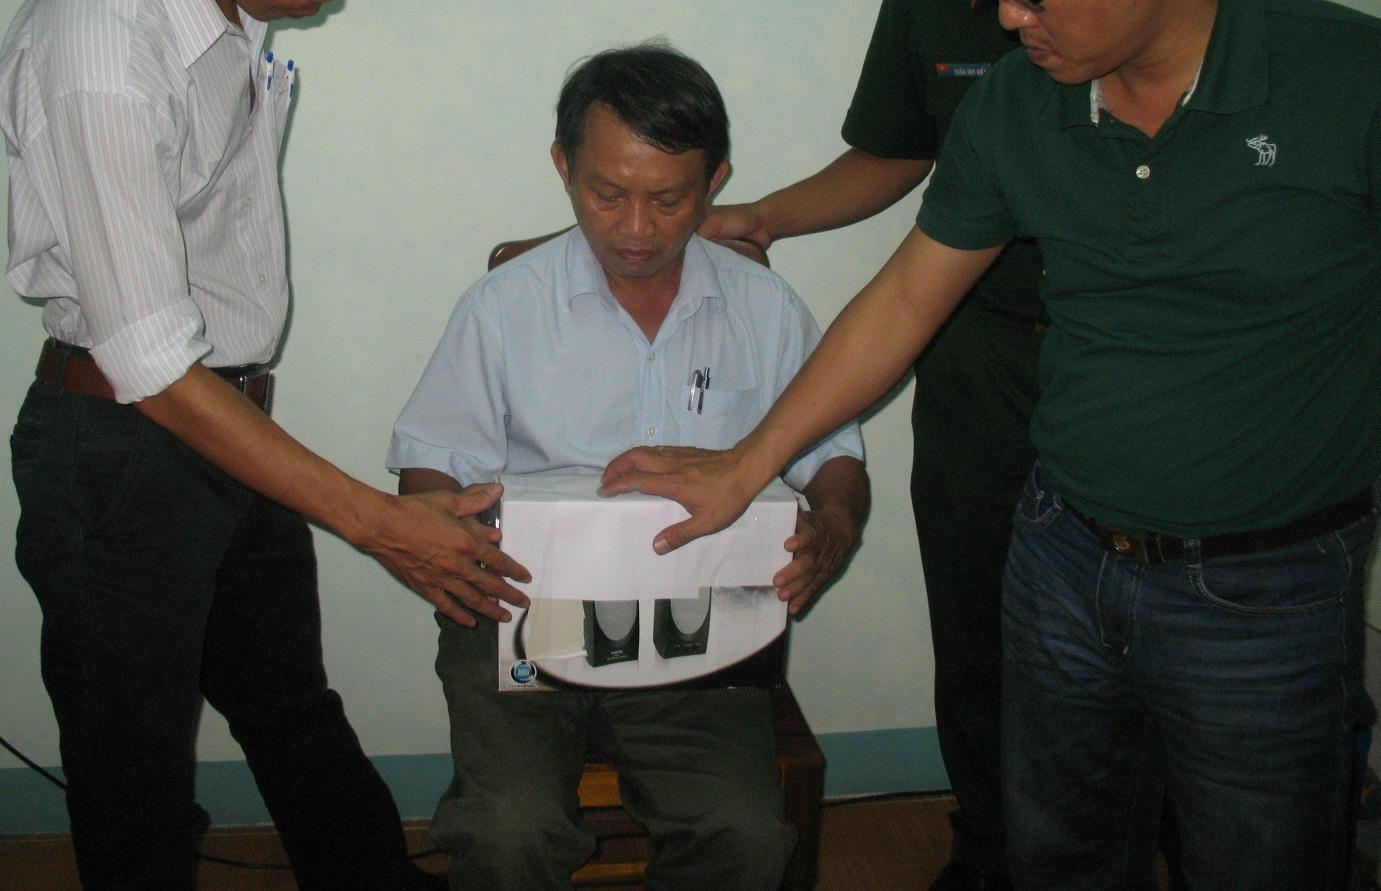 """Ông Phạm Văn Tuấn bị khởi tố, bắt tạm giam về hành vi """"Lạm dụng chức vụ, quyền hạn để chiếm đoạt tài sản"""" Ảnh: Tân Bính"""